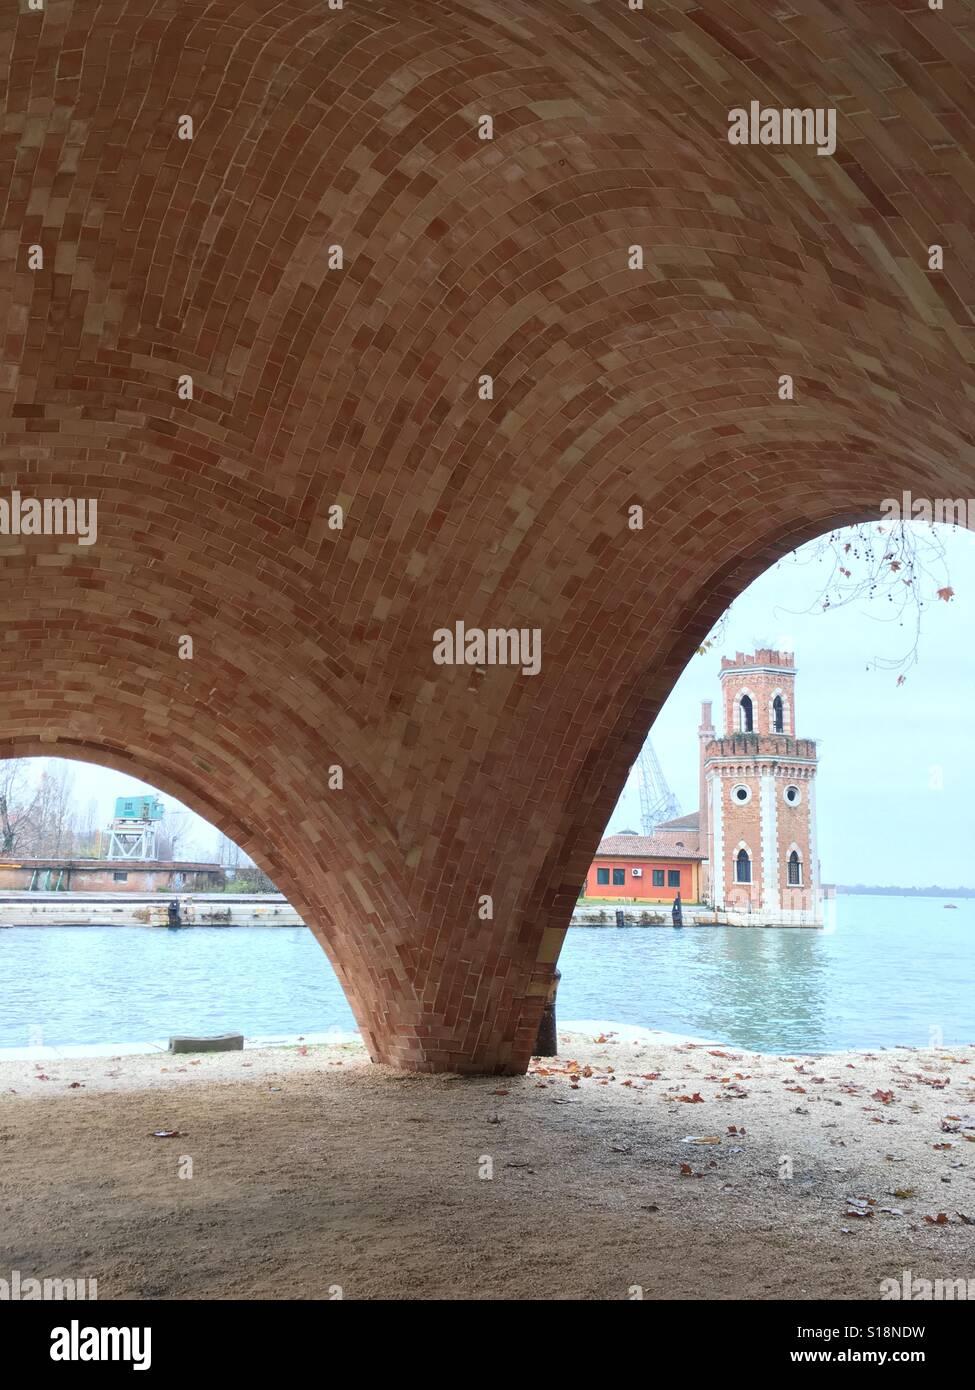 Biennale Venice 2016 - Stock Image